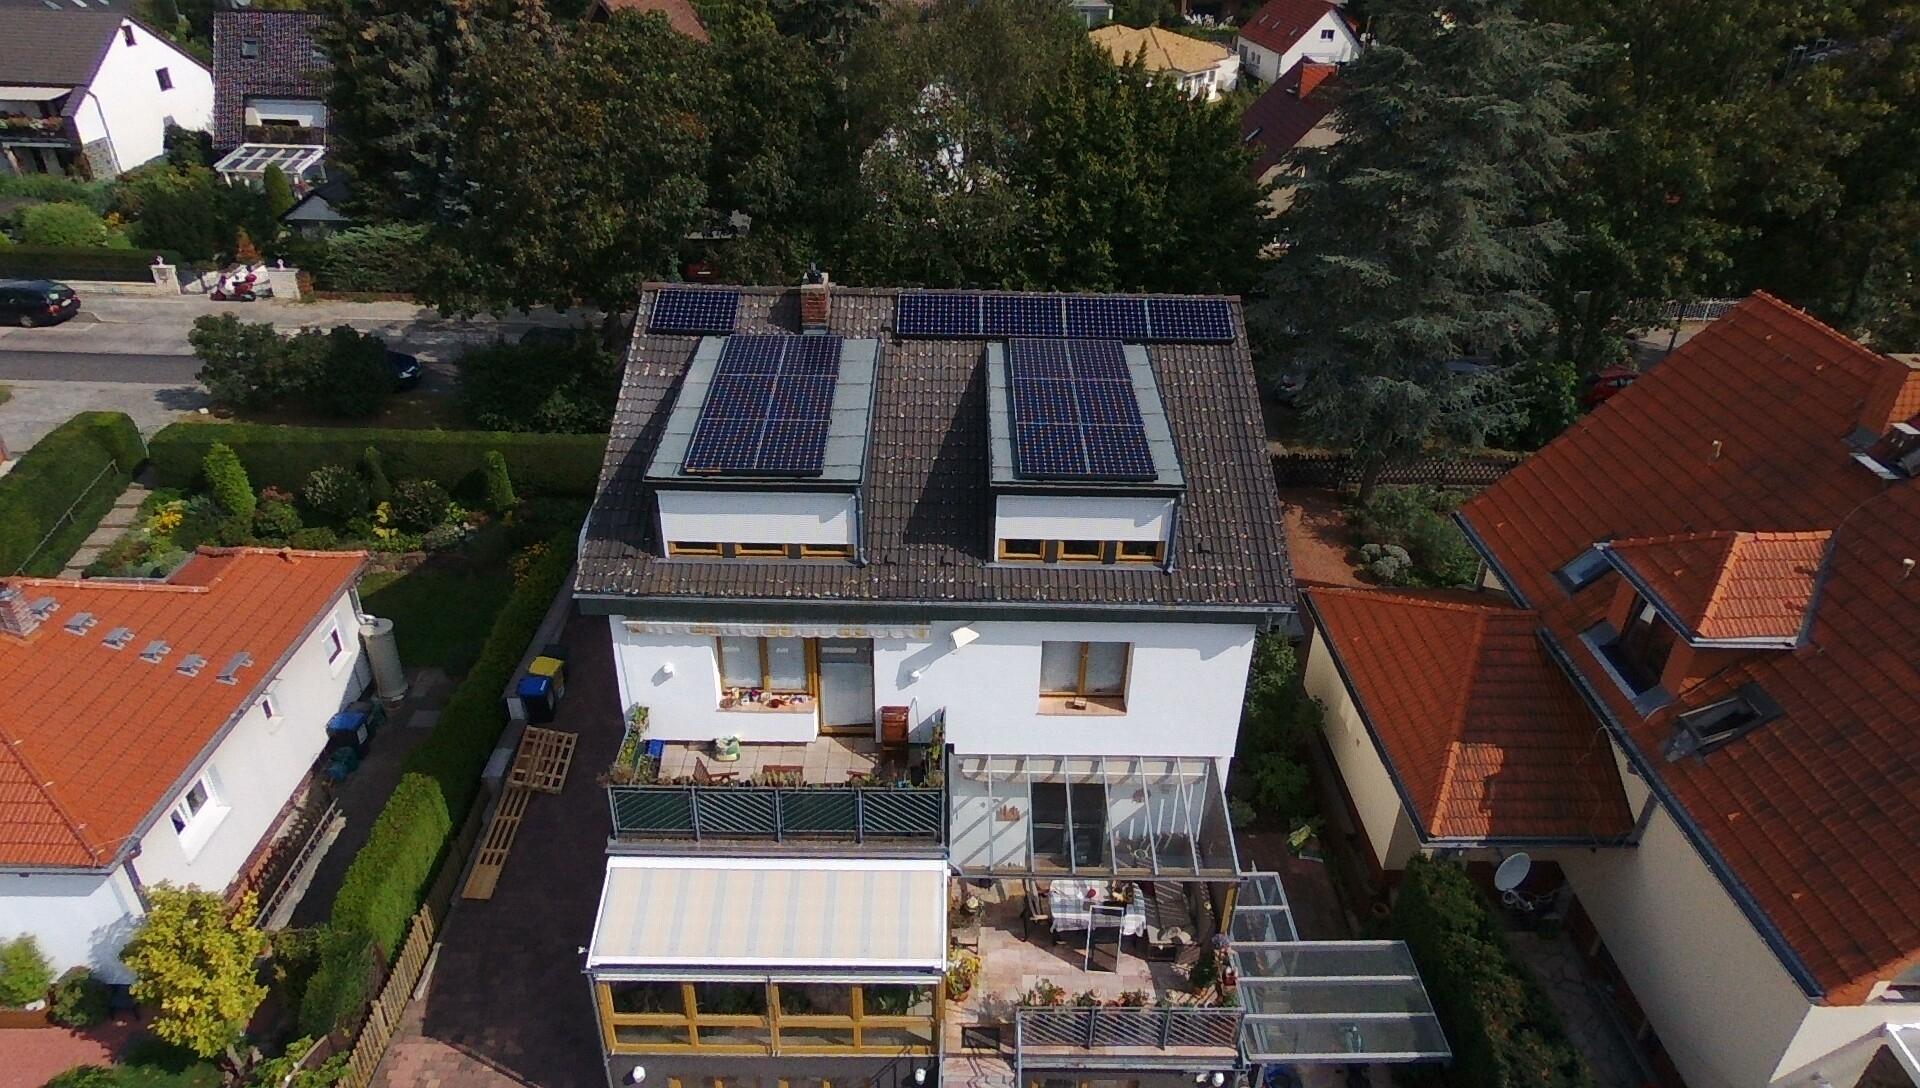 5,559 kWp Sunpower mit Solaredge Wechselrichter in Zusammenarbeit mit einem BHKW, 10 kW Li Senec Speicher und Senec.Cloud in Berlin Rudow